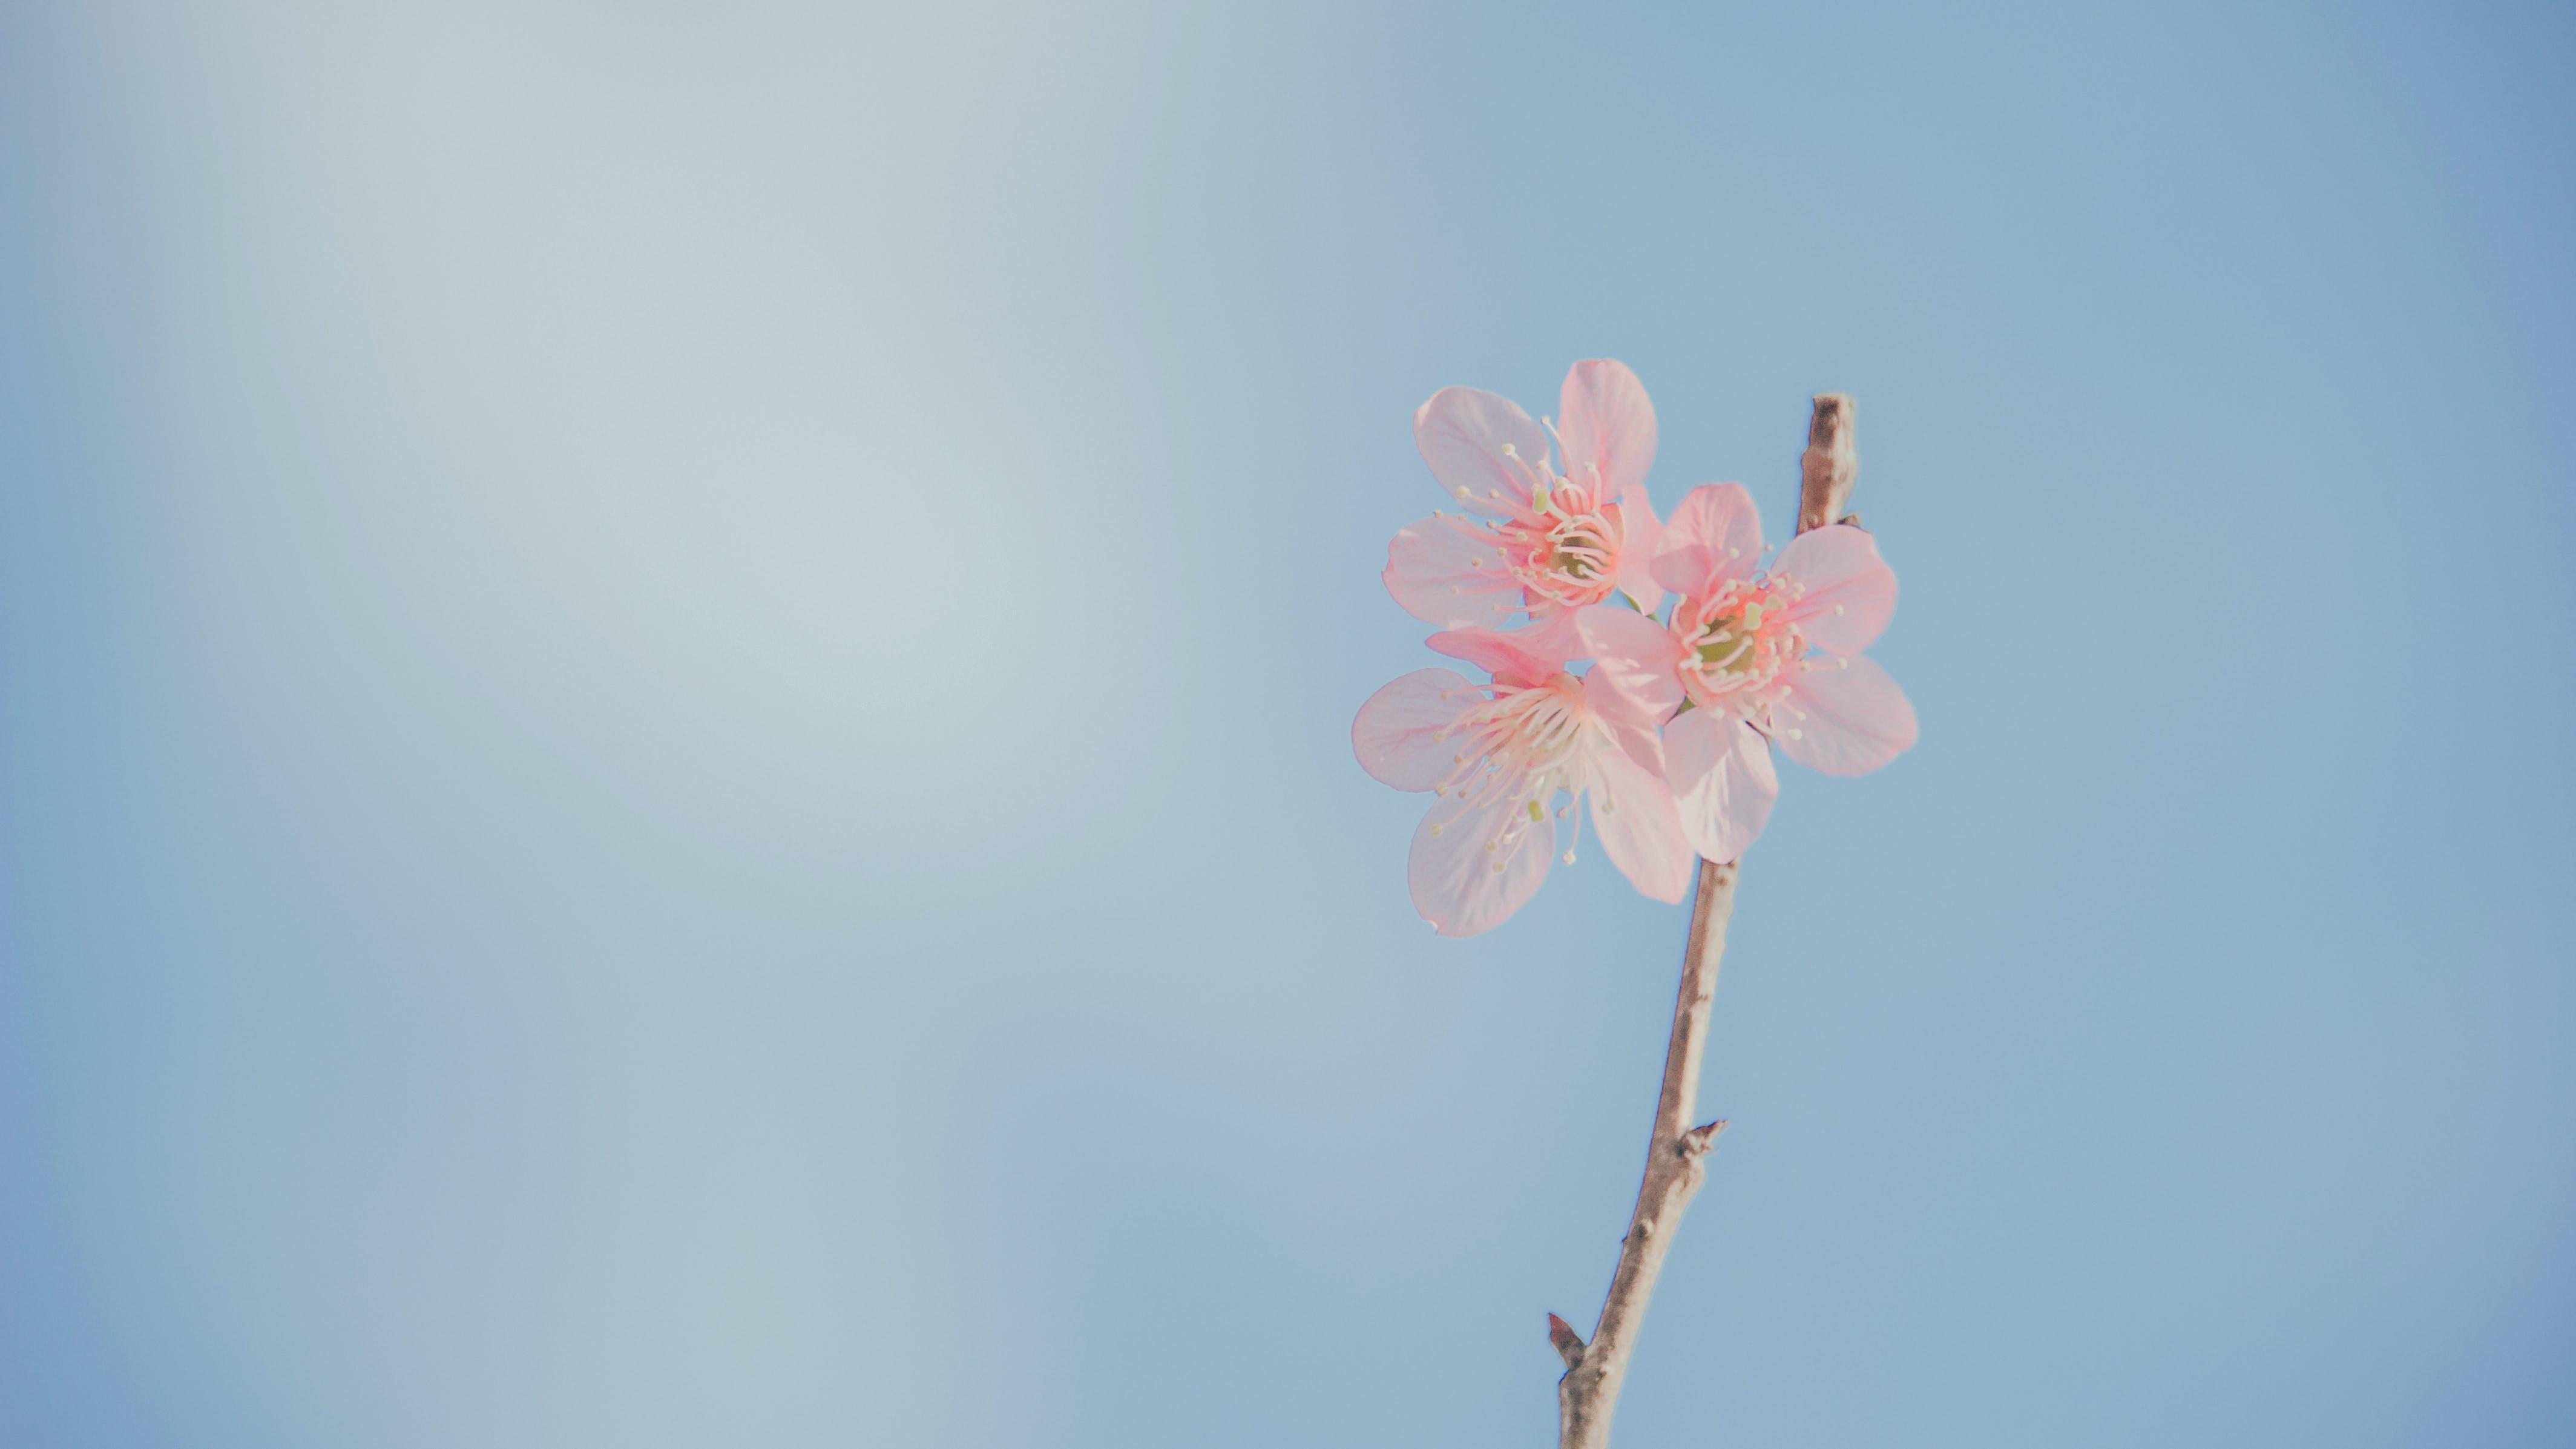 HD 바탕화면, 가지, 깨지기 쉬운, 꽃의 무료 스톡 사진